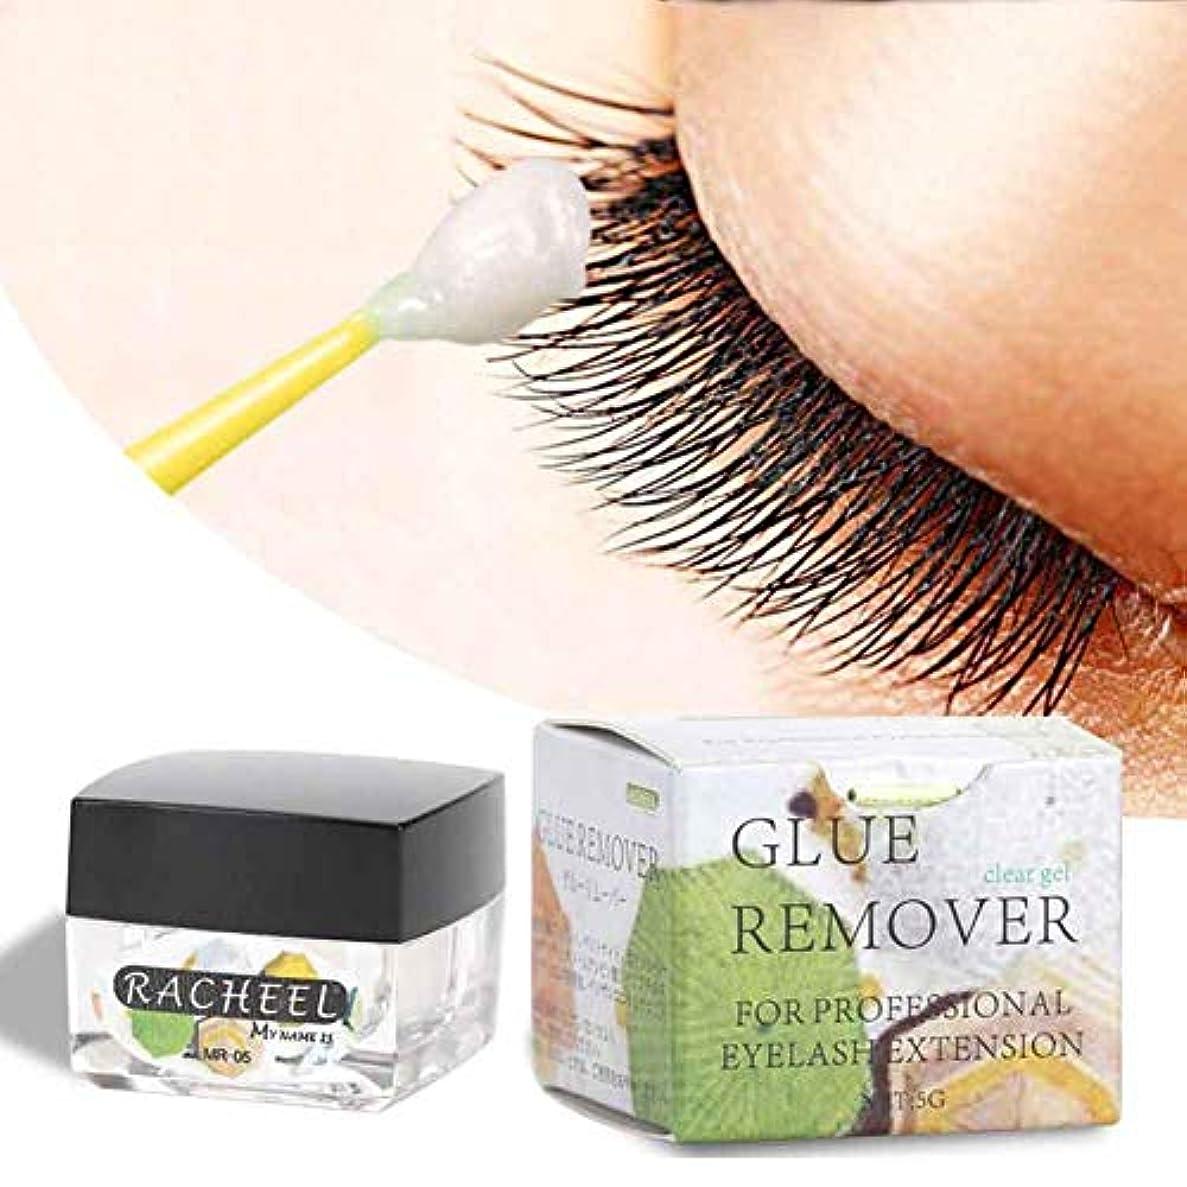 革命的知覚するポンドSILUN つけまつげ用接着剤リムーバー まつ毛除去剤 プロ用まつ毛クリームを除去するクリーム 抗刺激性グラフトまつげエクステンションリムーバー